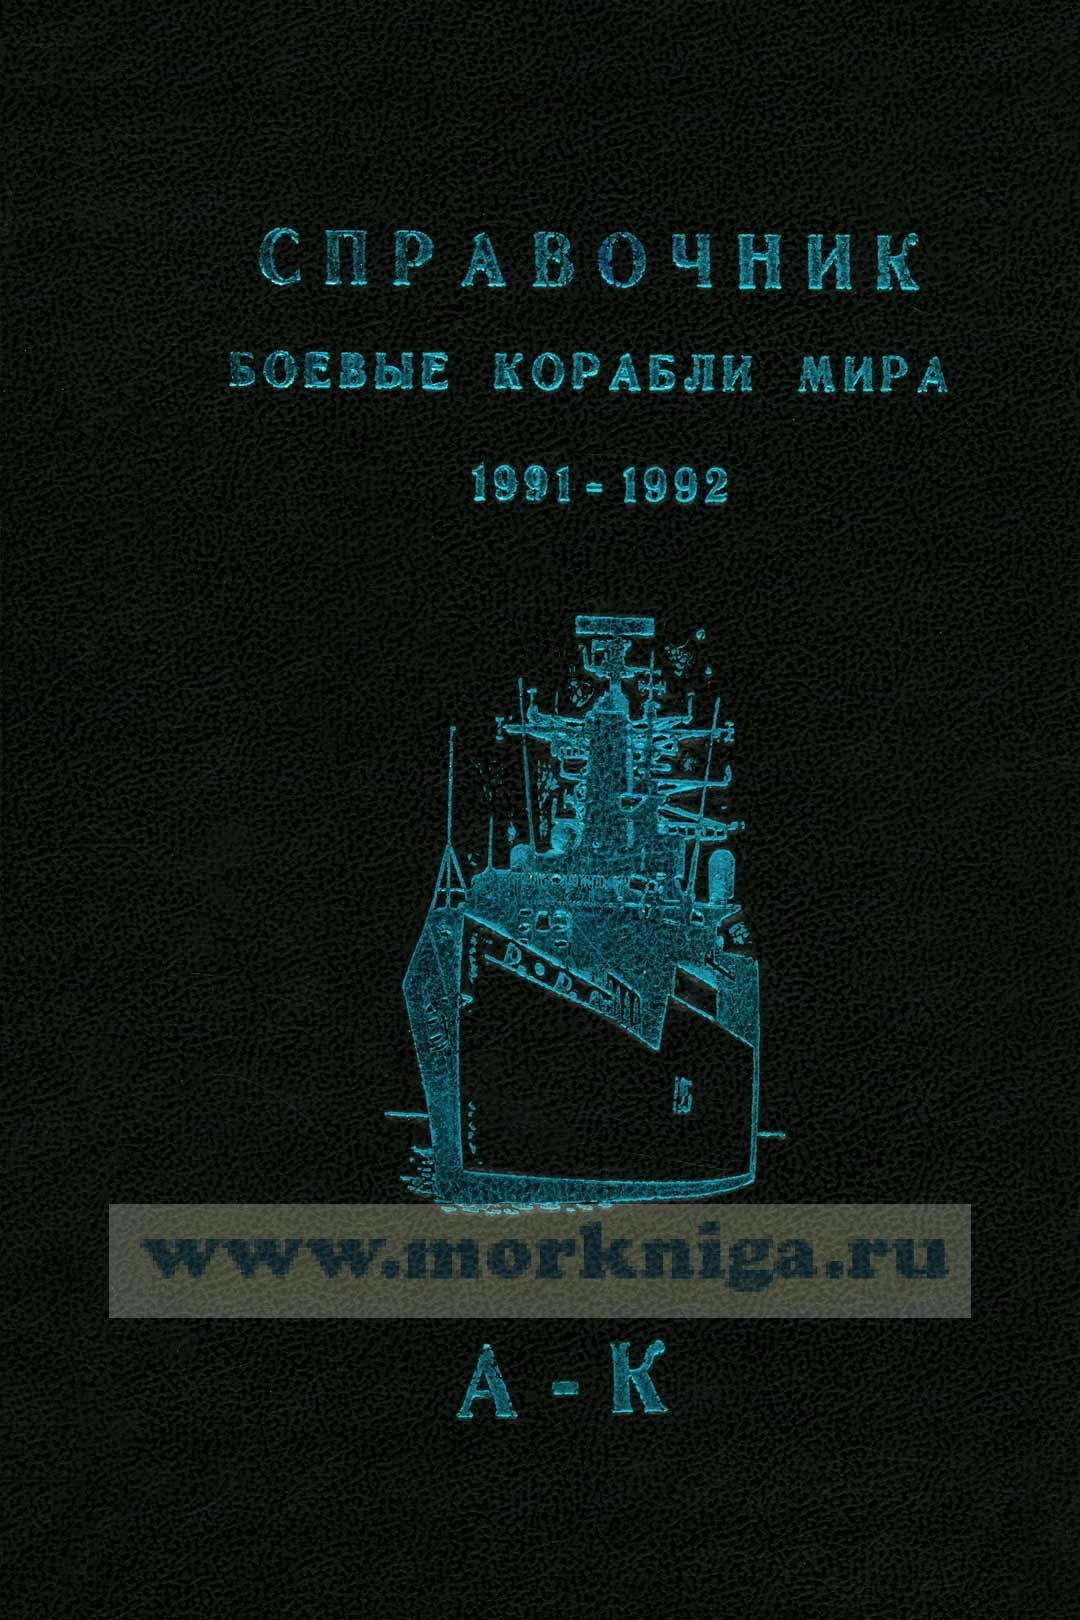 Боевые корабли мира. 1991-1992. Справочник